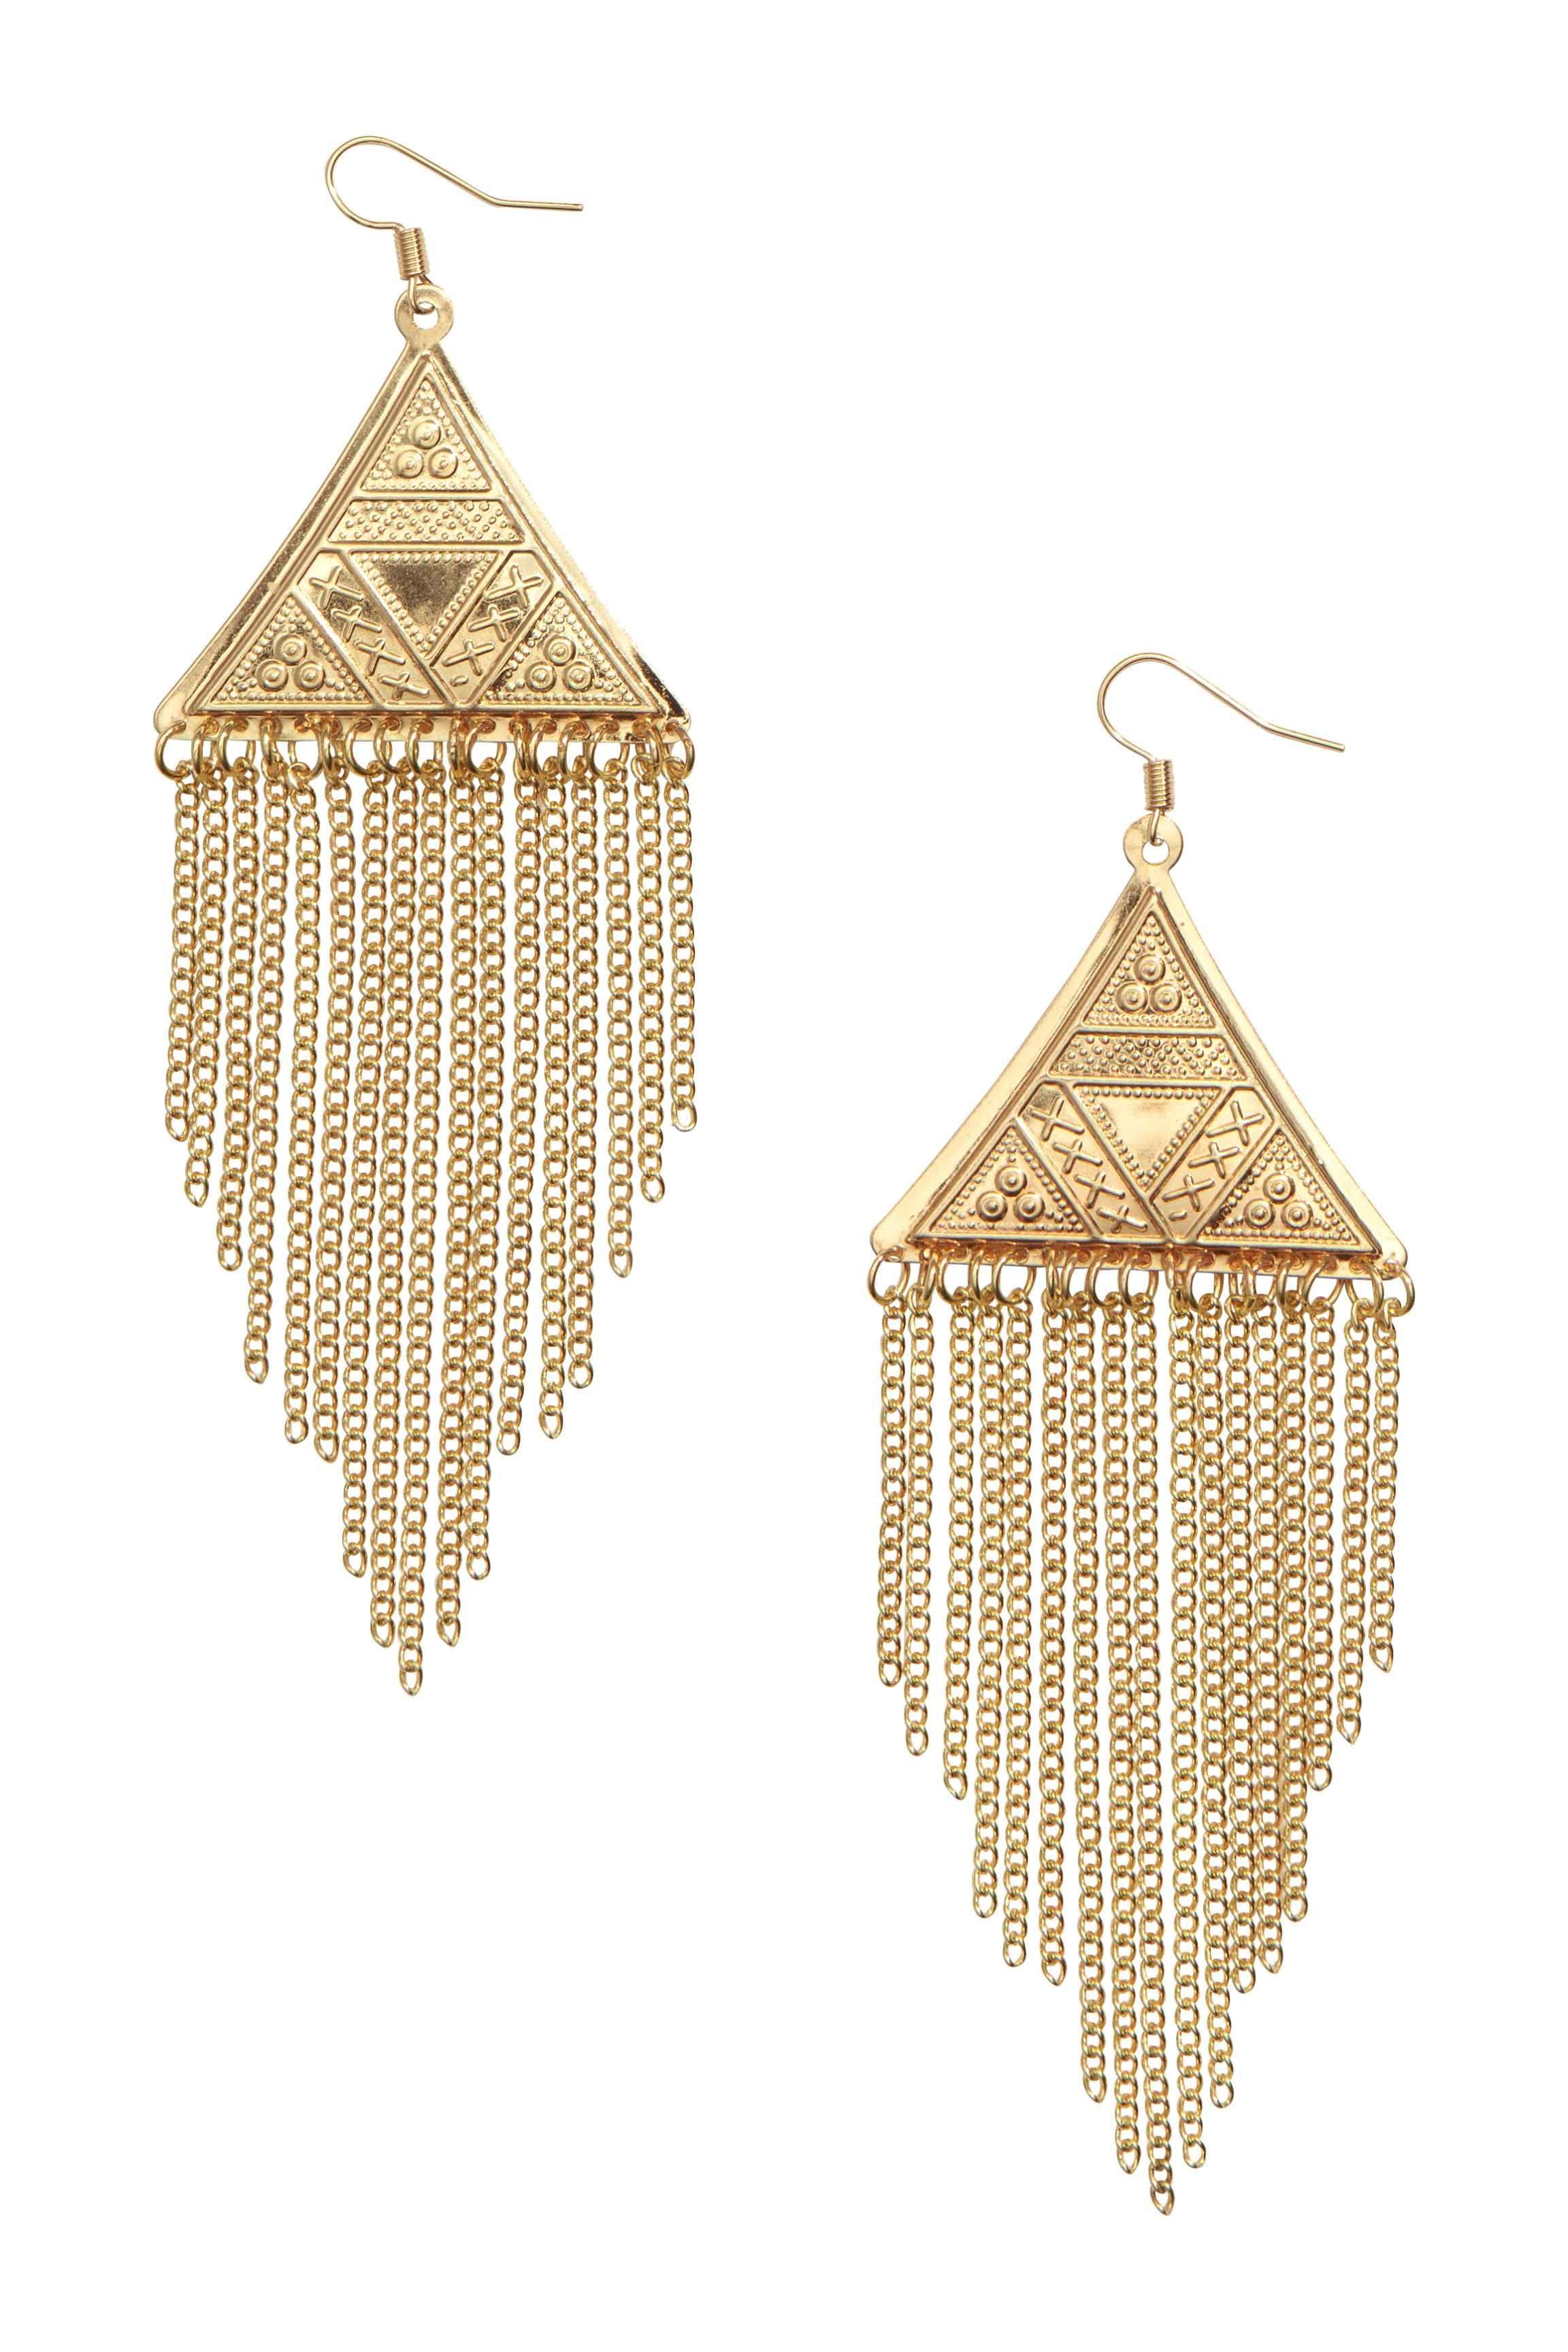 3b13298fdf30 Pendientes largos  Pendientes de metal con colgante triangular grabado y  con cadenas doradas finas de